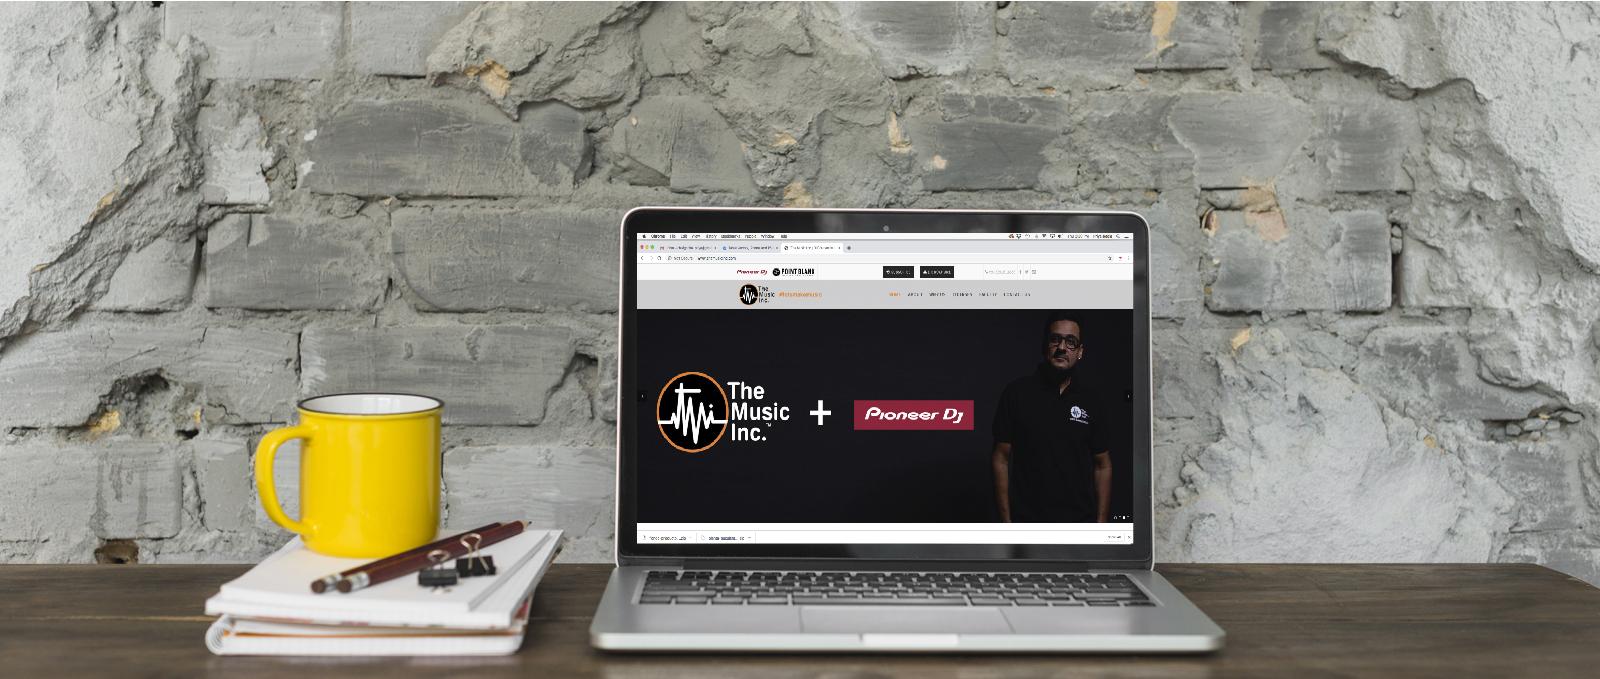 1 Logos&Branding 1600×678